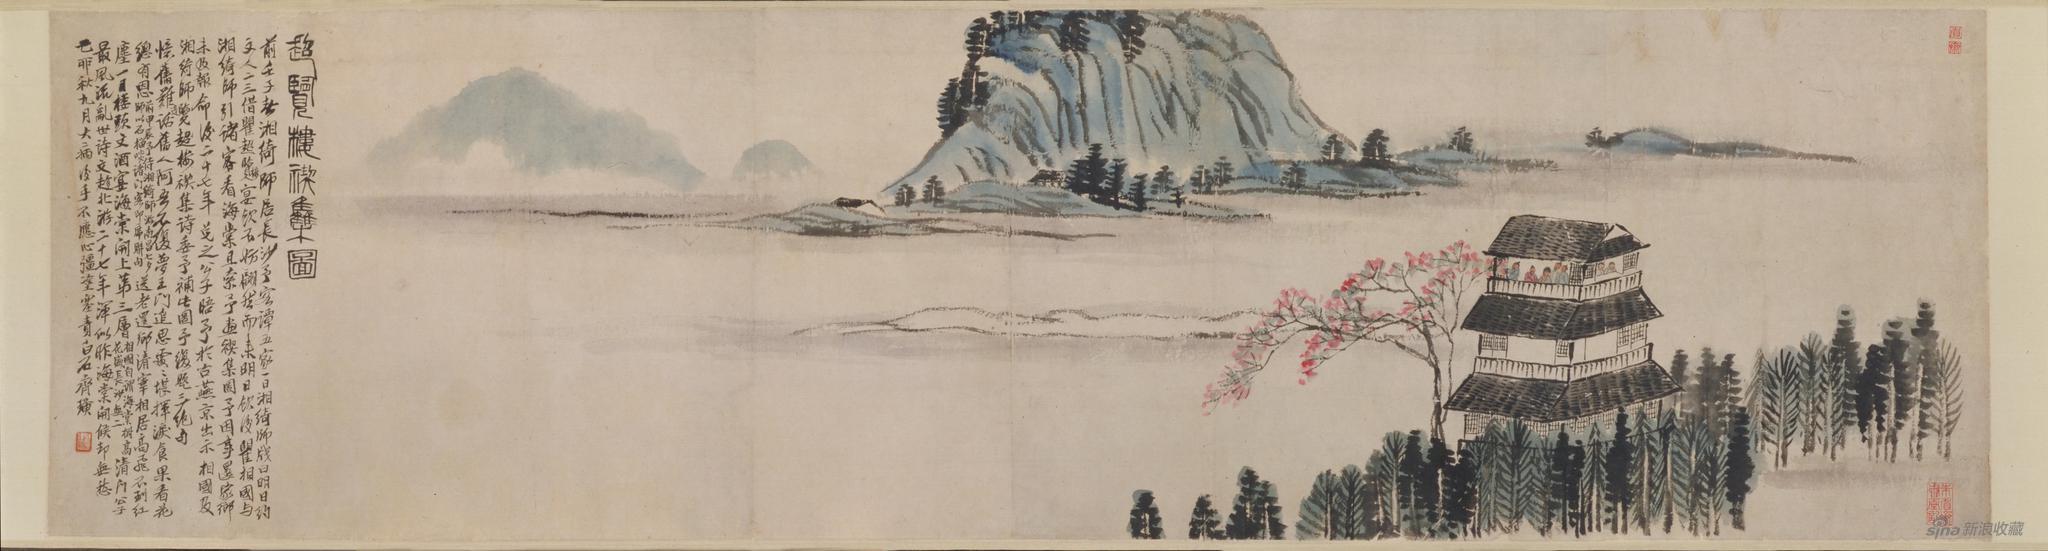 超览楼禊集图卷 齐白石 1939年 36.1×132.5cm 纸本设色 故宫博物院藏